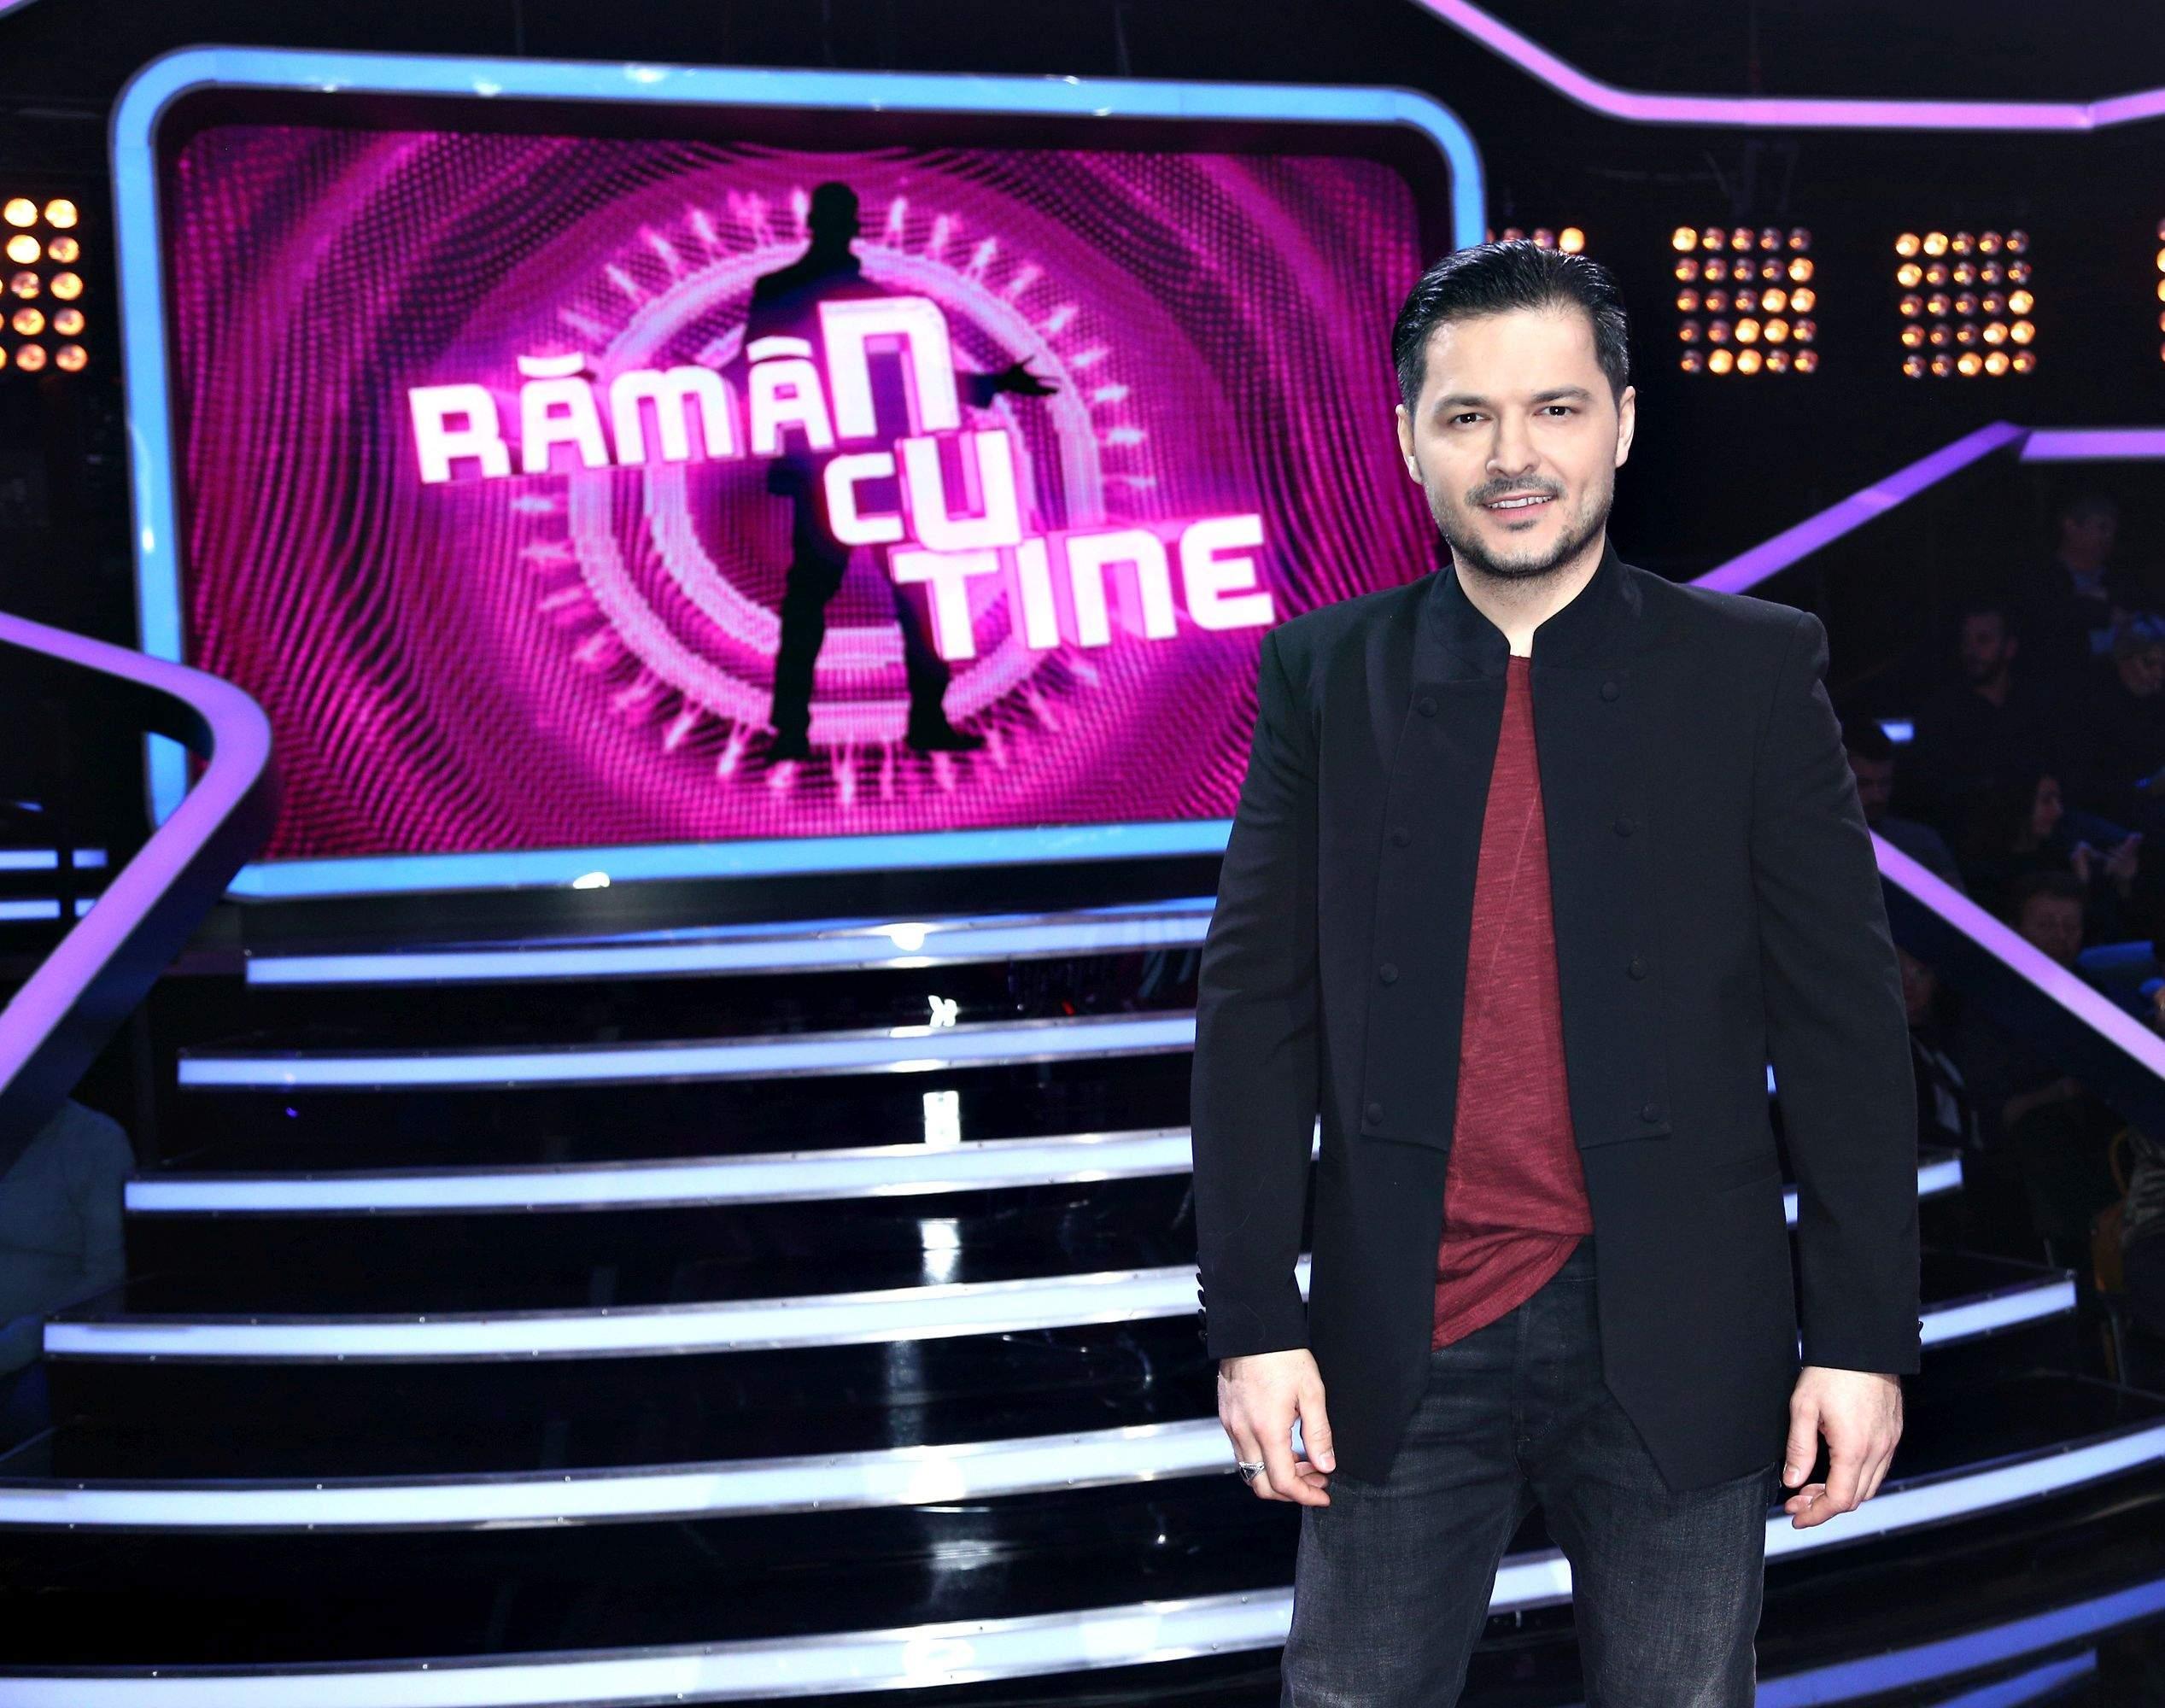 """Program tv la Antena 1, luni, 10 august: Nu rata super show-ul """"Rămân cu tine"""", prezentat de Liviu Vârciu, de la 20:30!"""